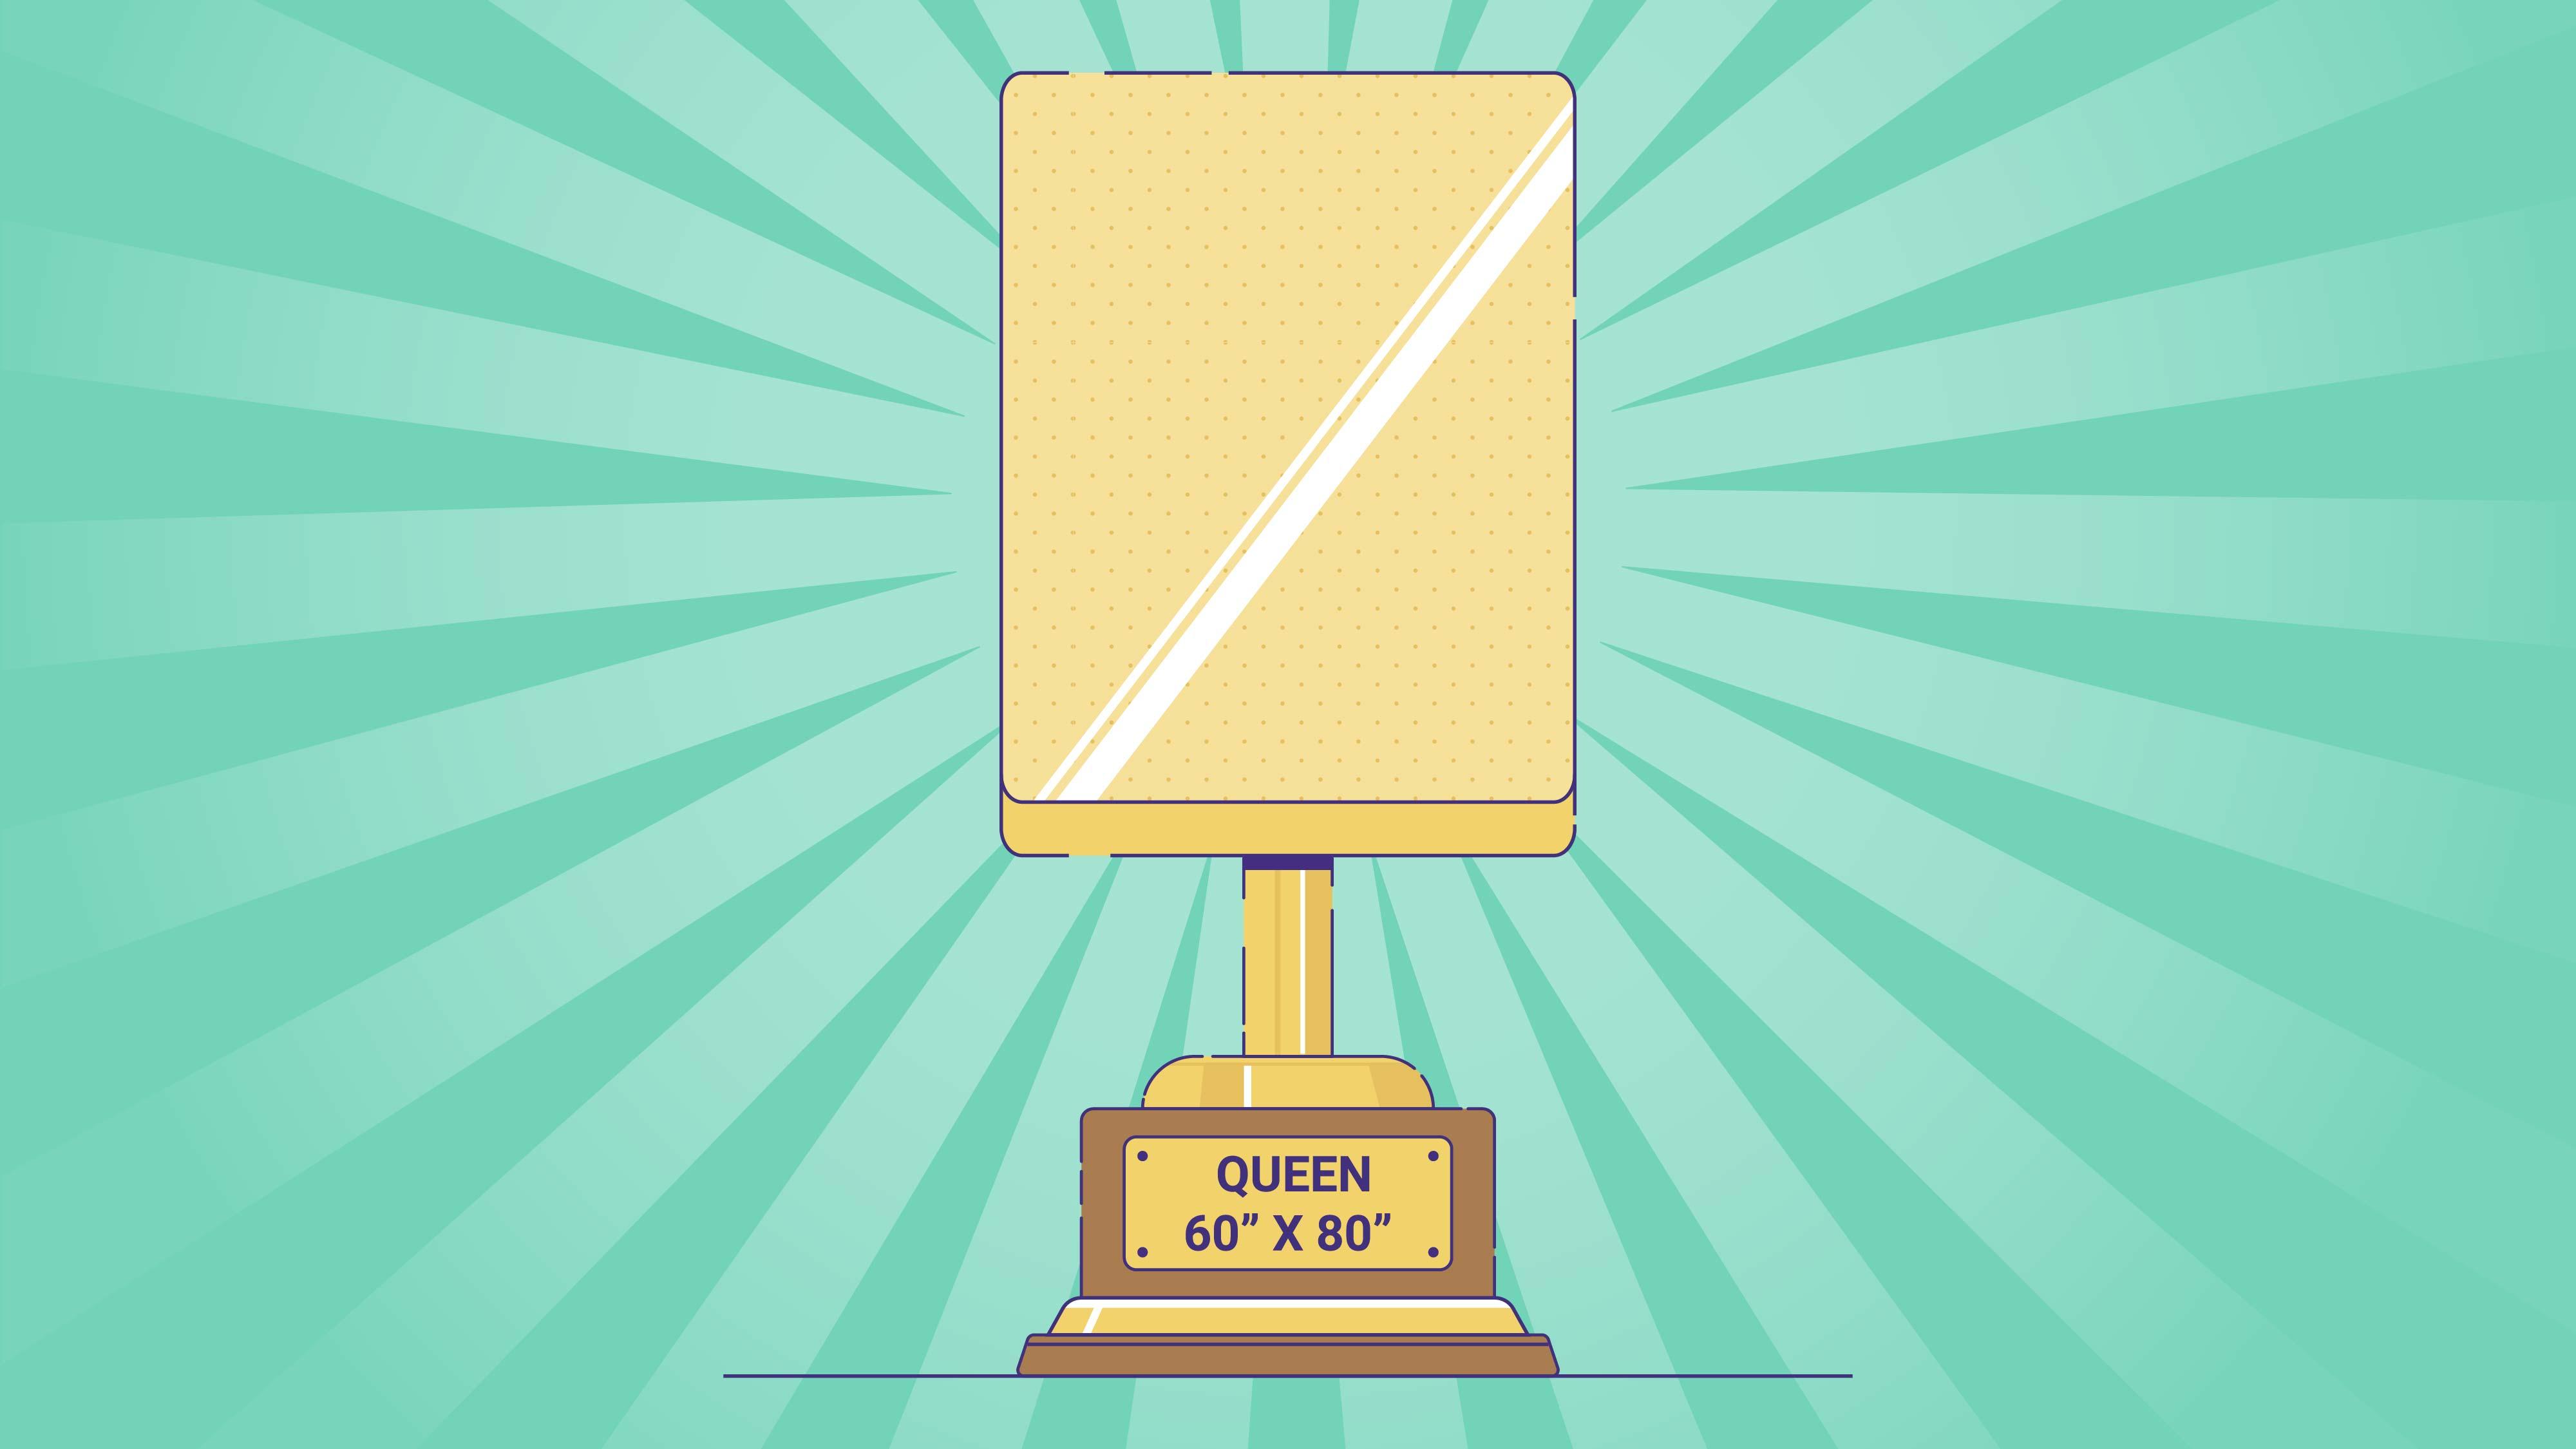 Best Queen Size Memory Foam Mattress (2021)